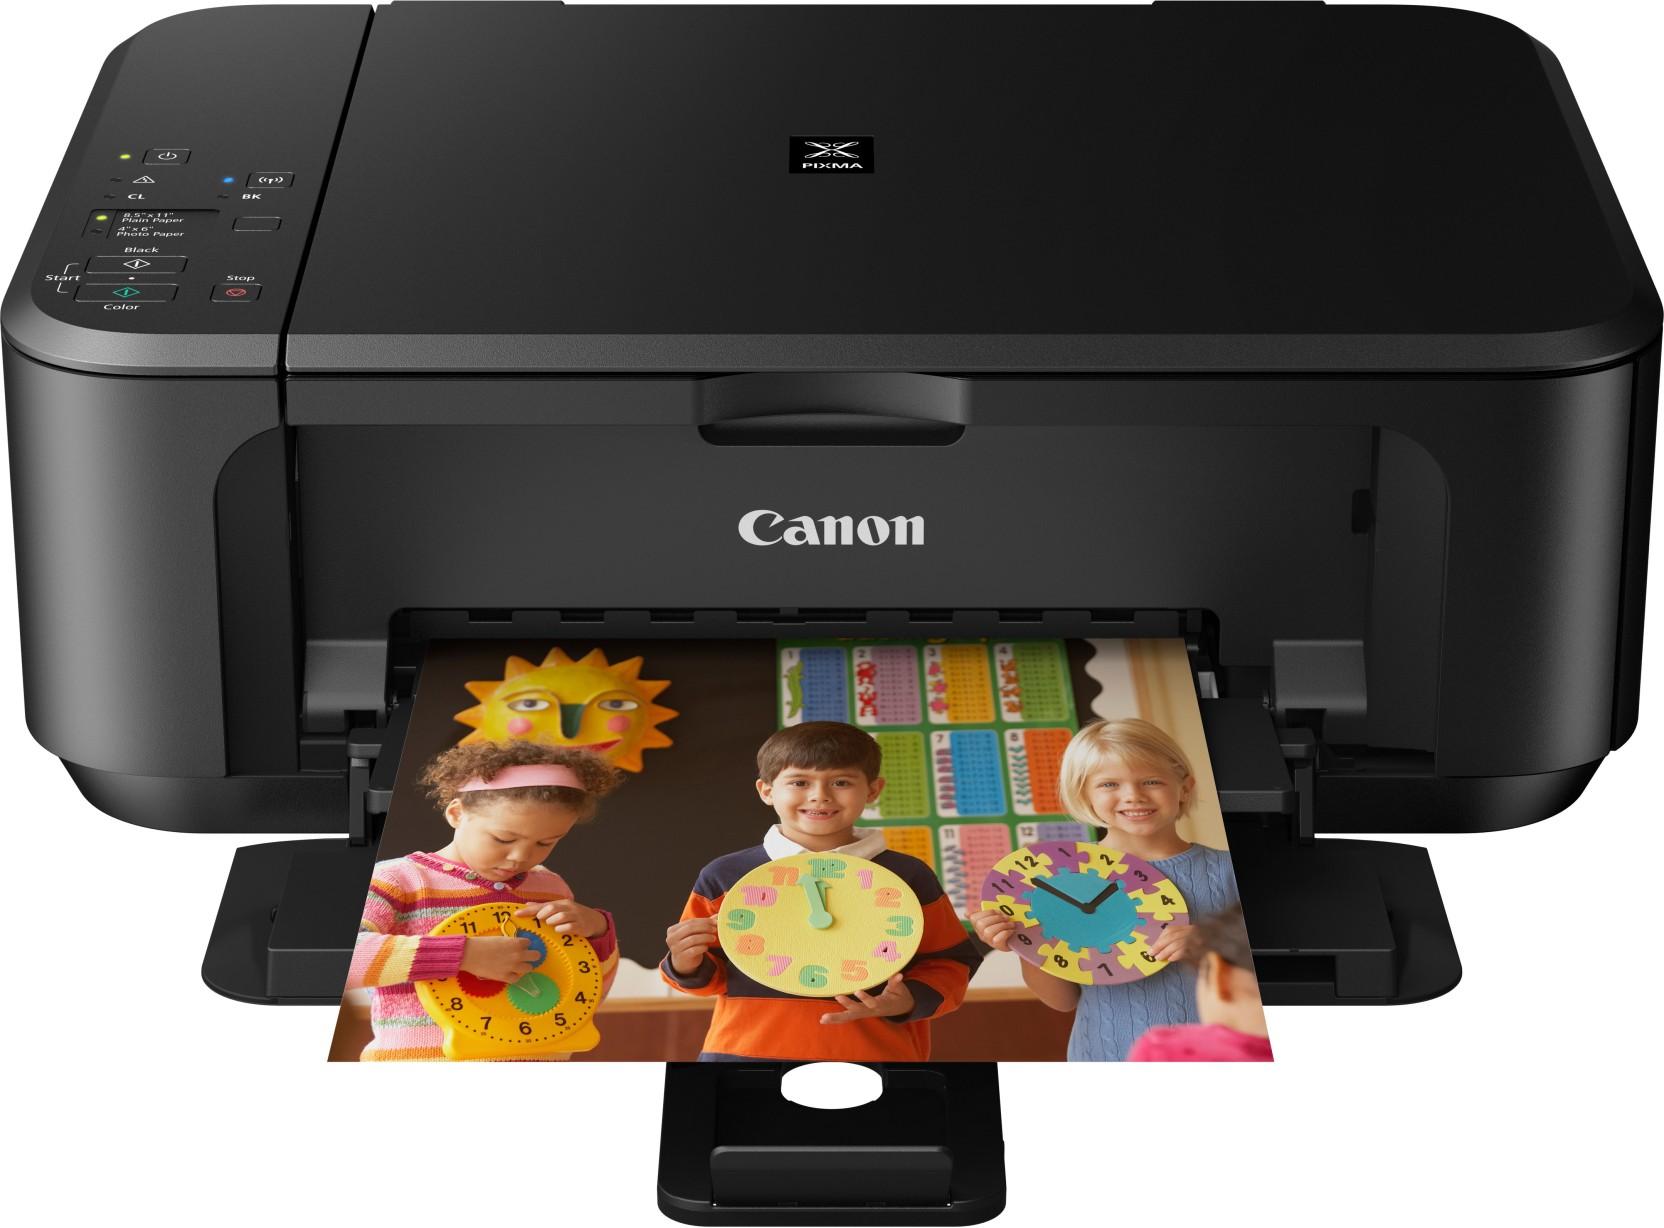 Canon PIXMA MG All in e Inkjet Wireless Printer Canon